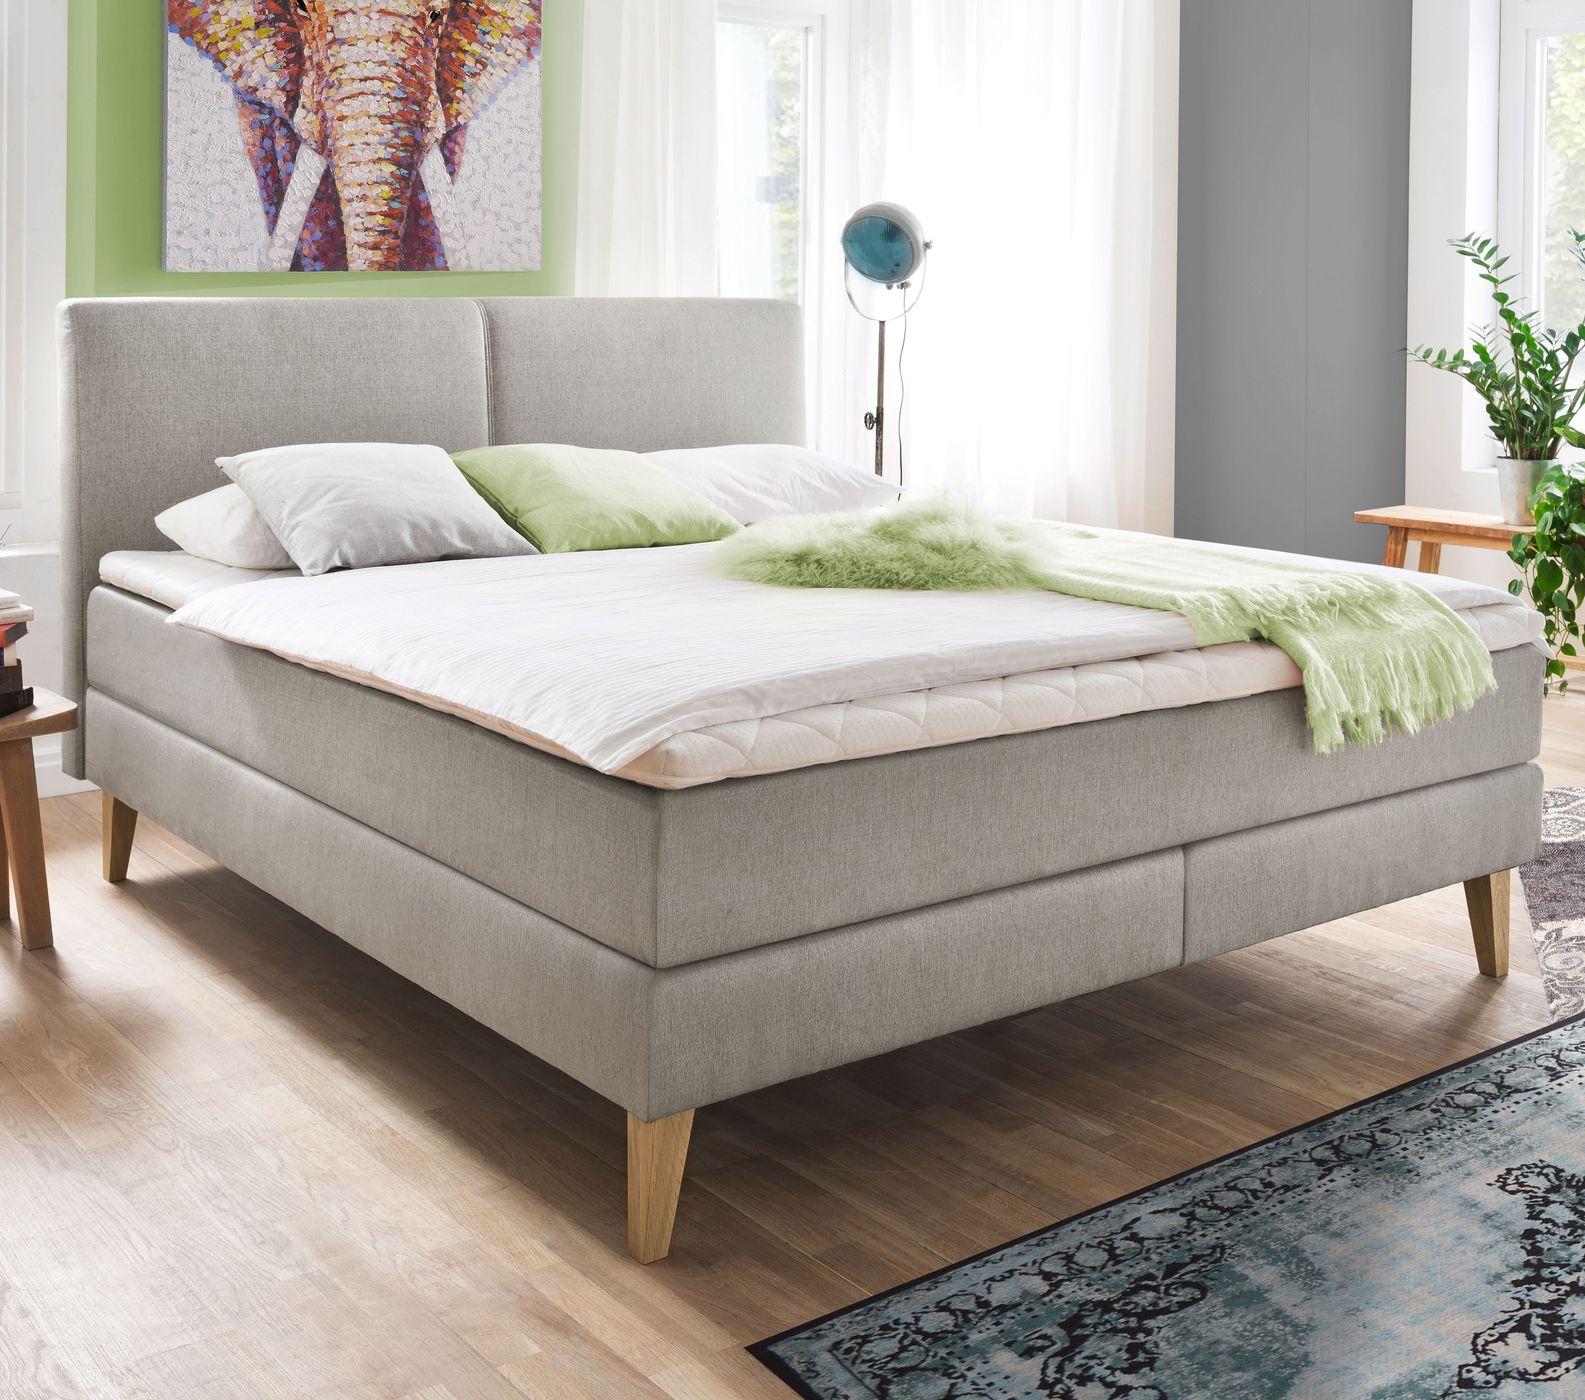 Jugendzimmer Mit Boxspringbett Fur Einrichten Darauf Ist Zu Achten Wir Stellen Ihnen Moderne Betten Fur Jugendliche Und Kinder Boxspringbett Bett Modern Bett